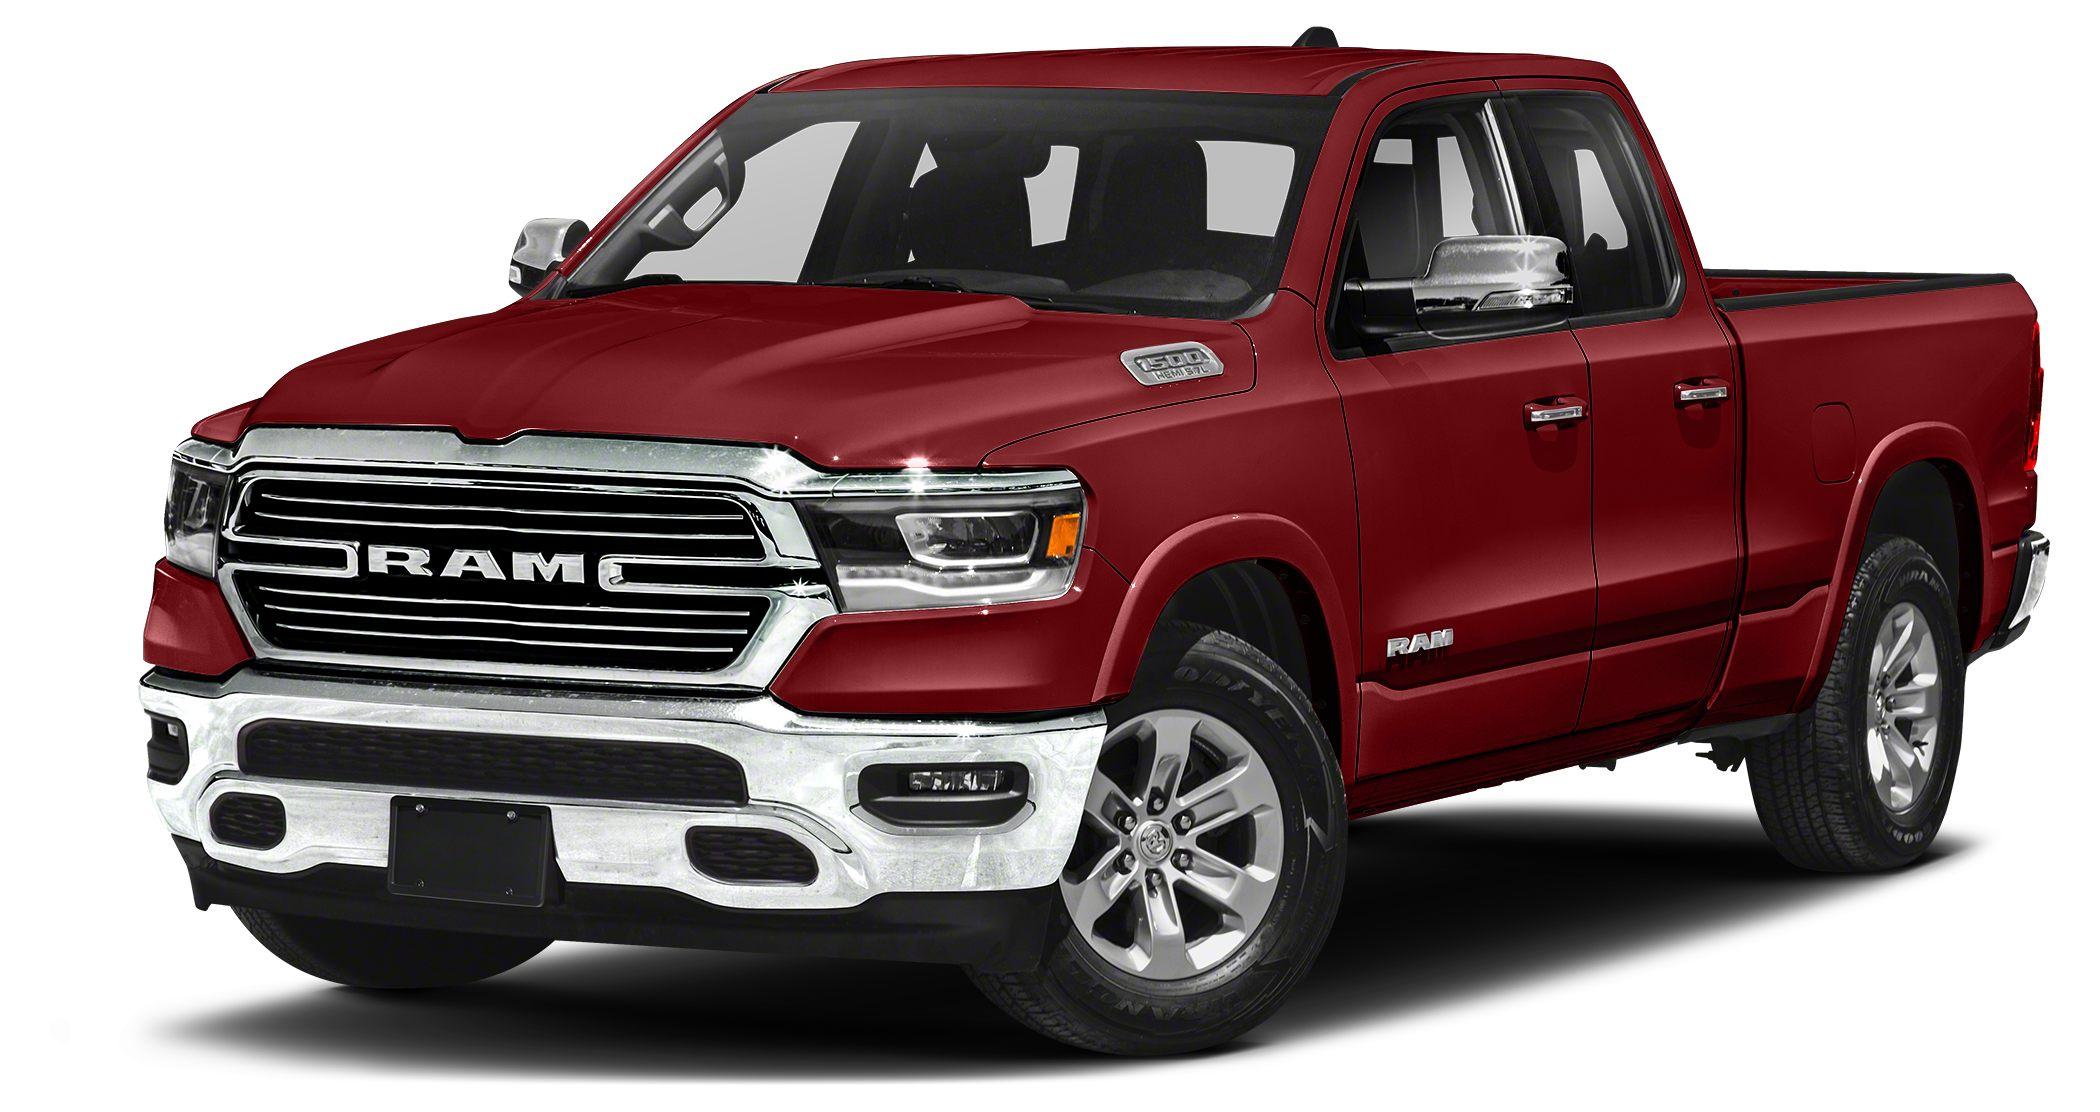 2021 Ram 1500 Laramie®